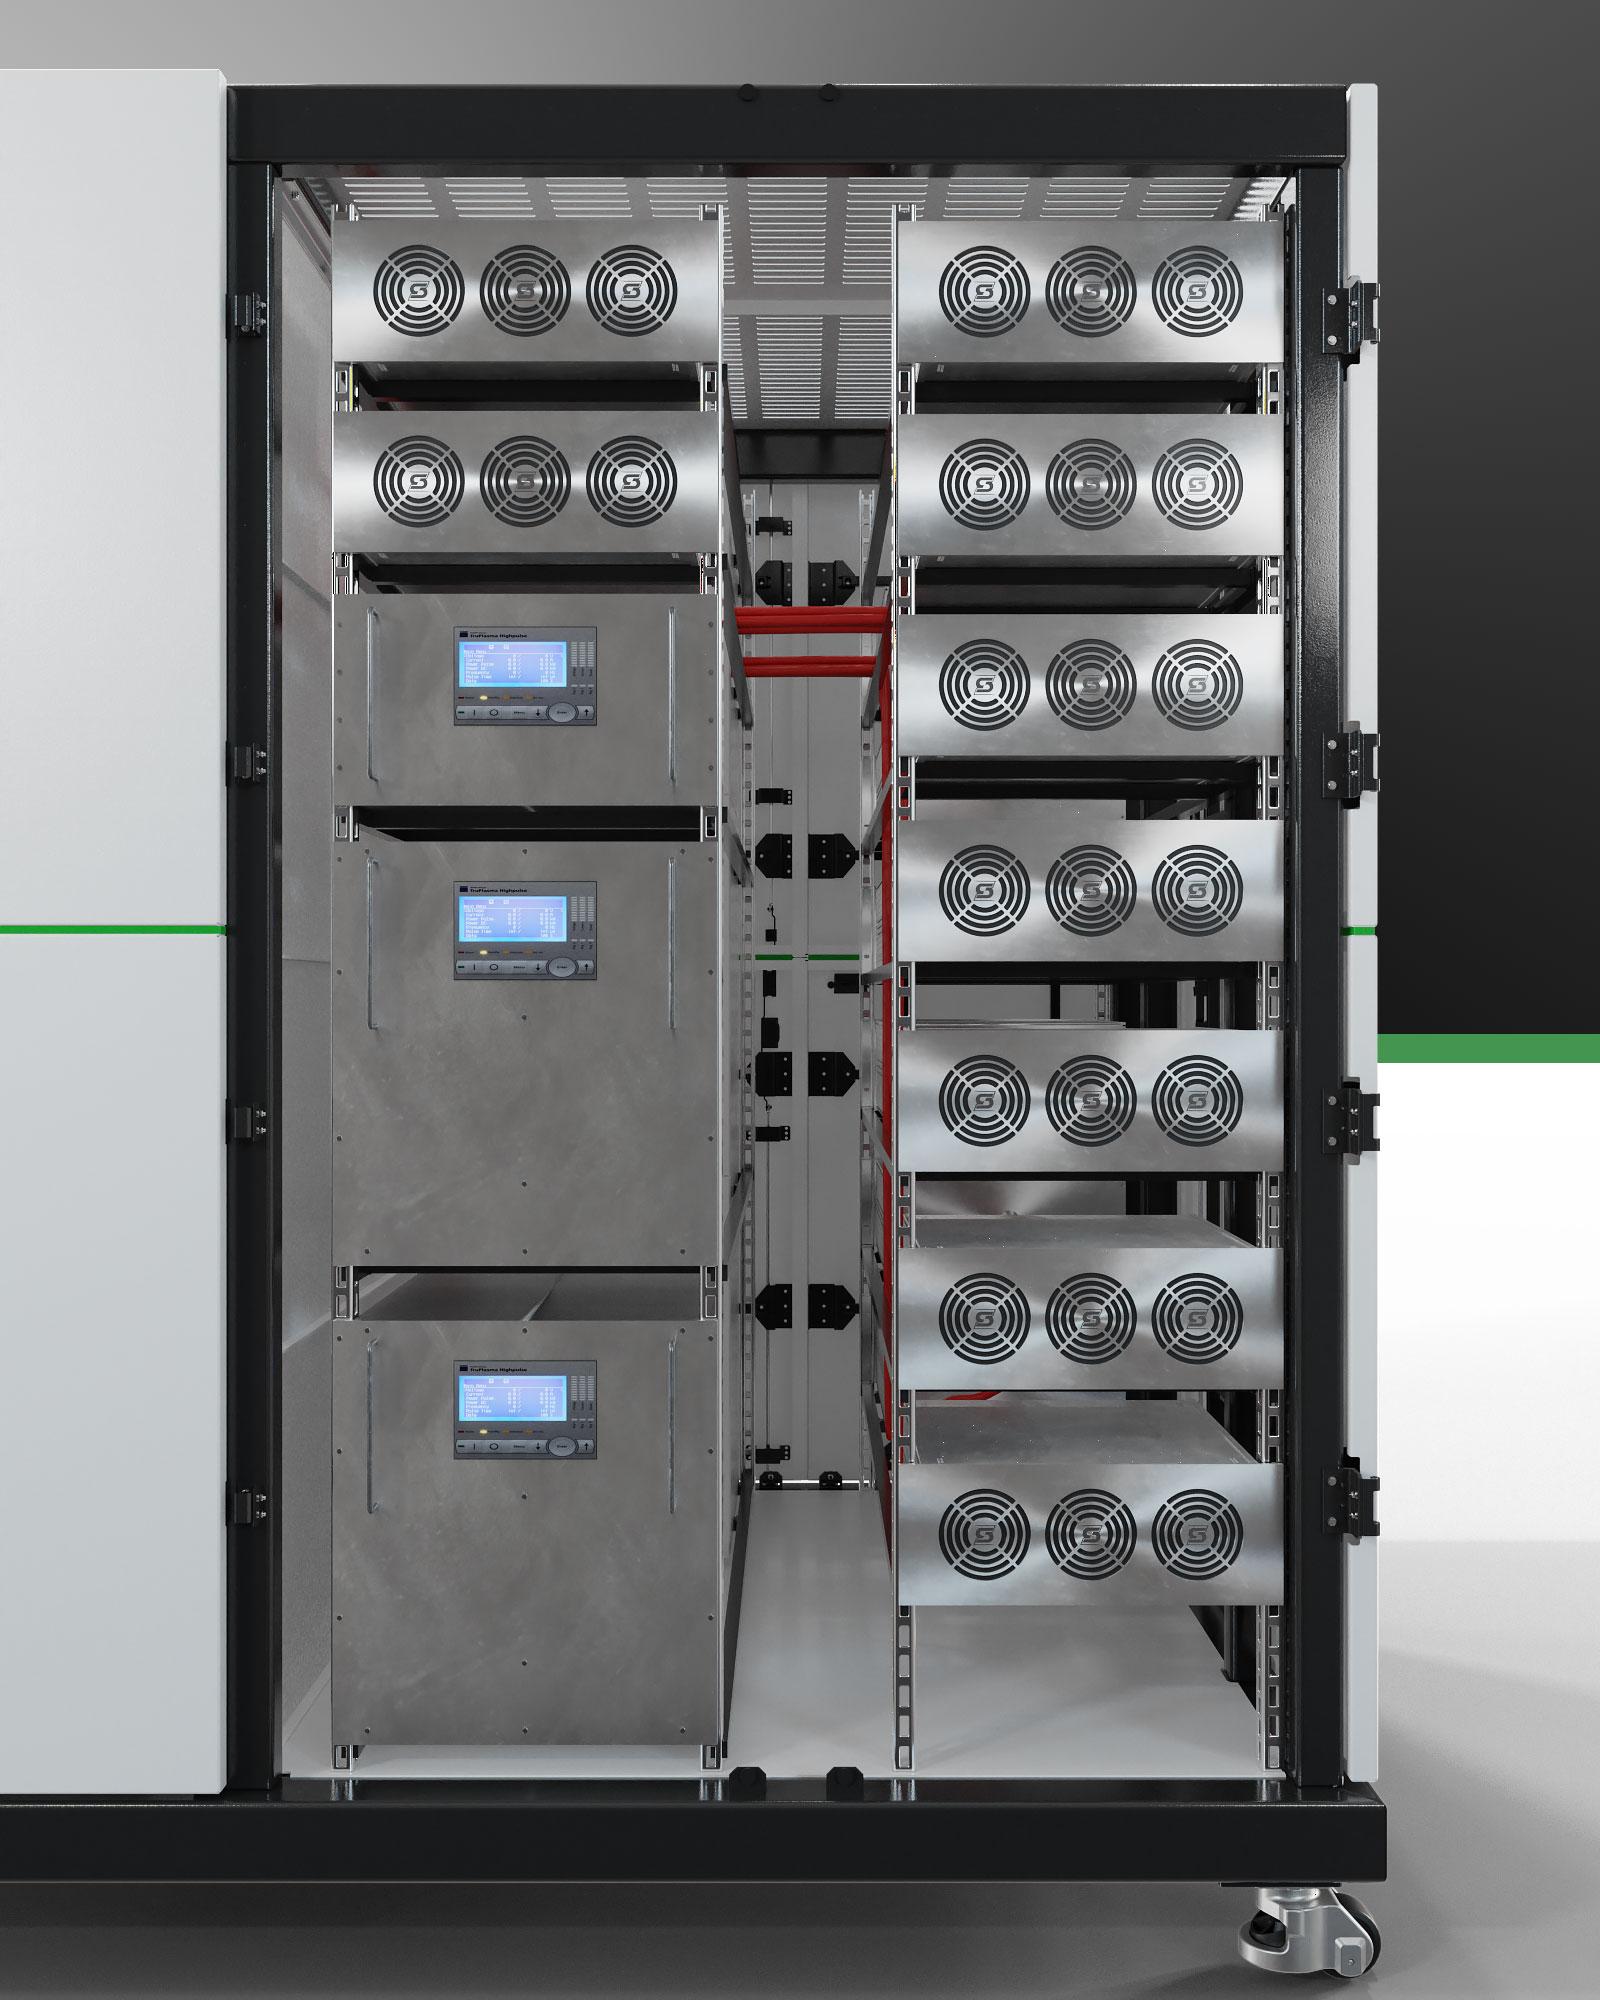 idea3d - STATON povlakovacie zariadenie katalág 11